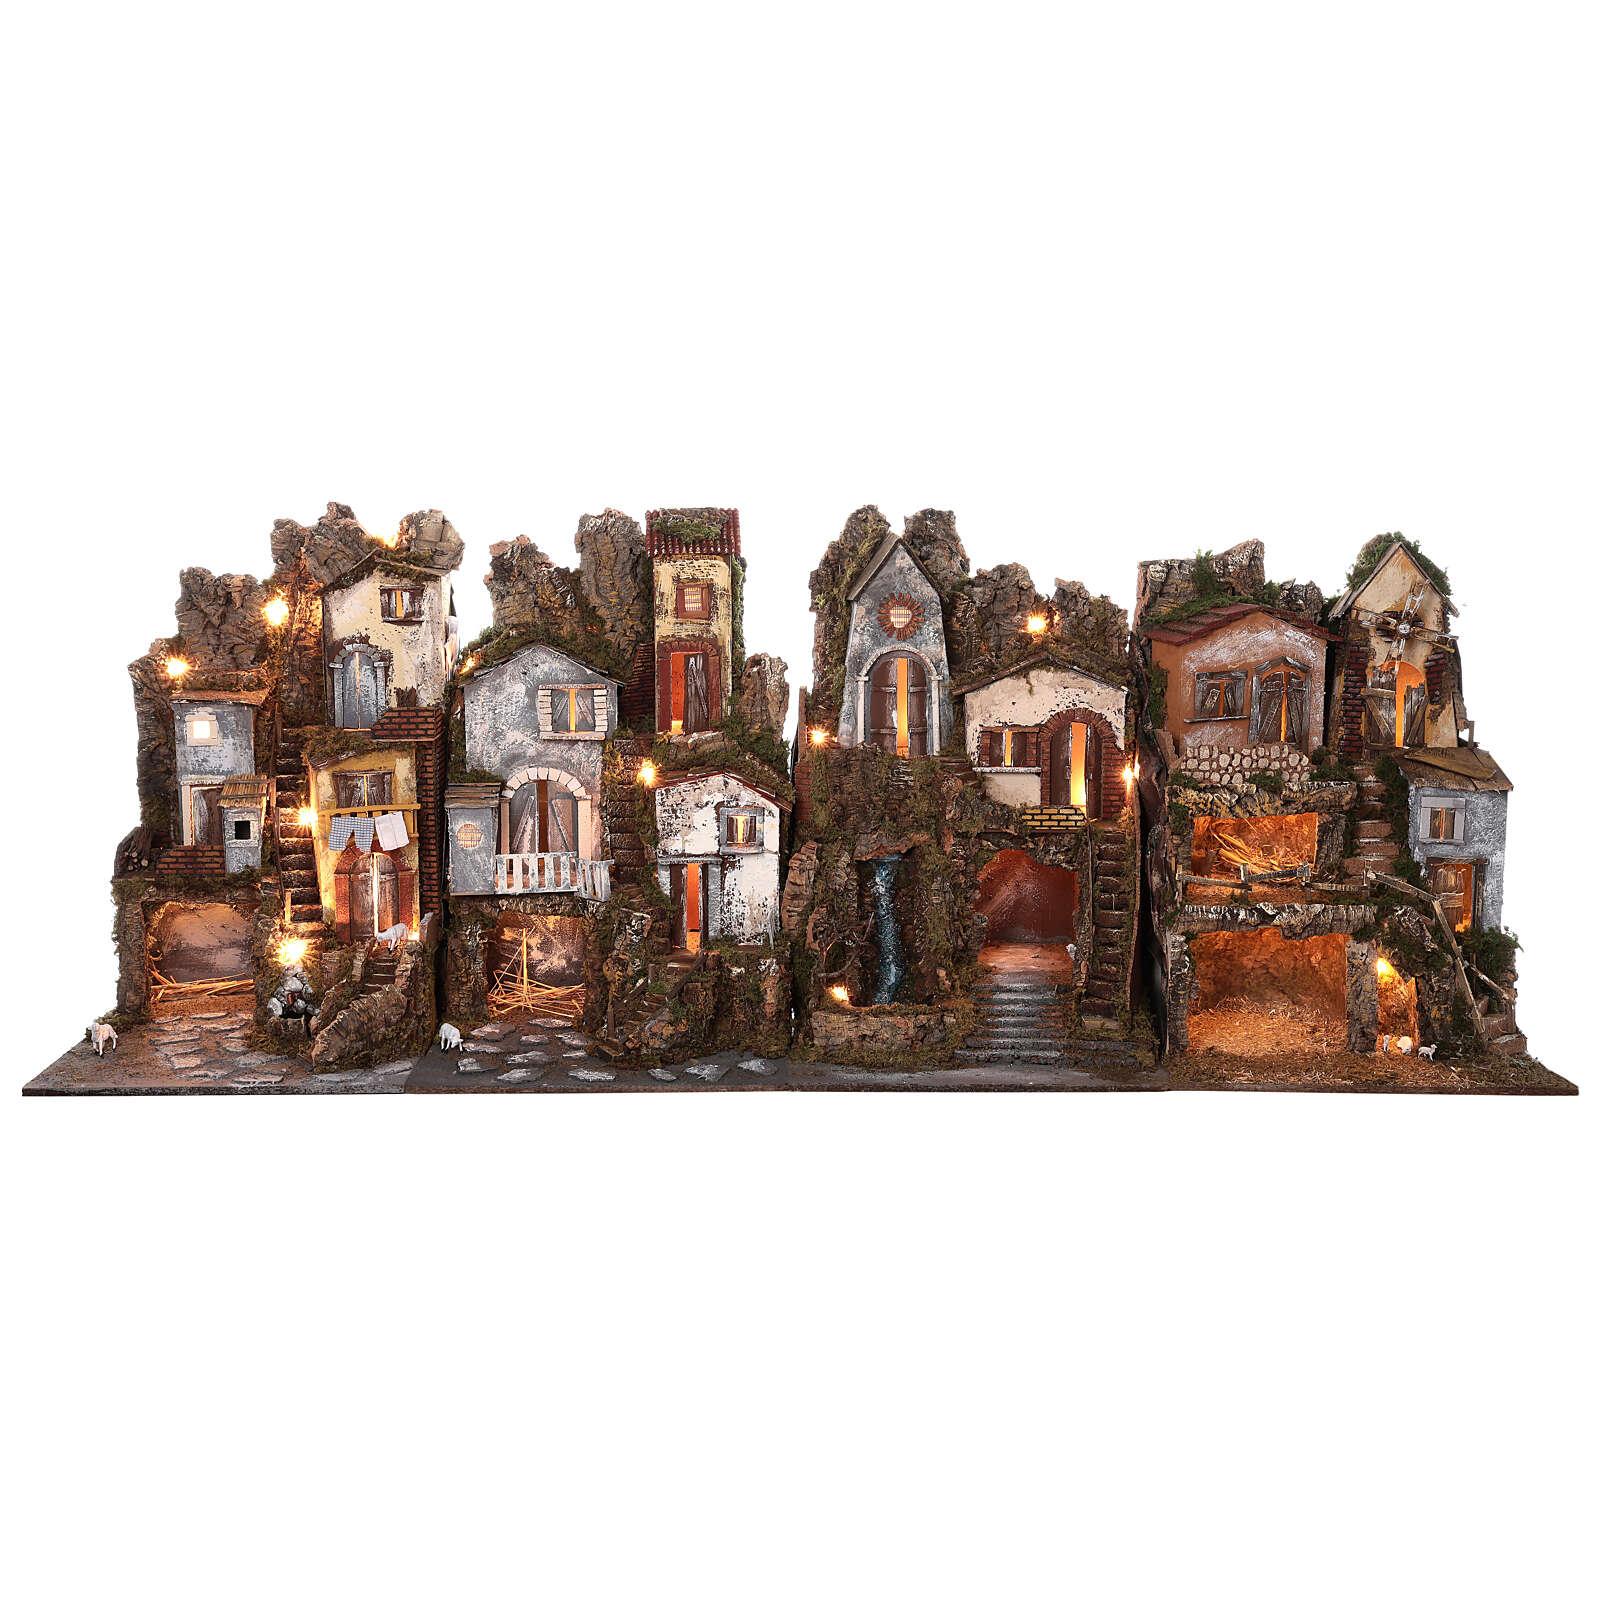 Presépio completo estilo clássico aldeia para figuras altura média 10 cm; medidas: 70x180x50 cm 4